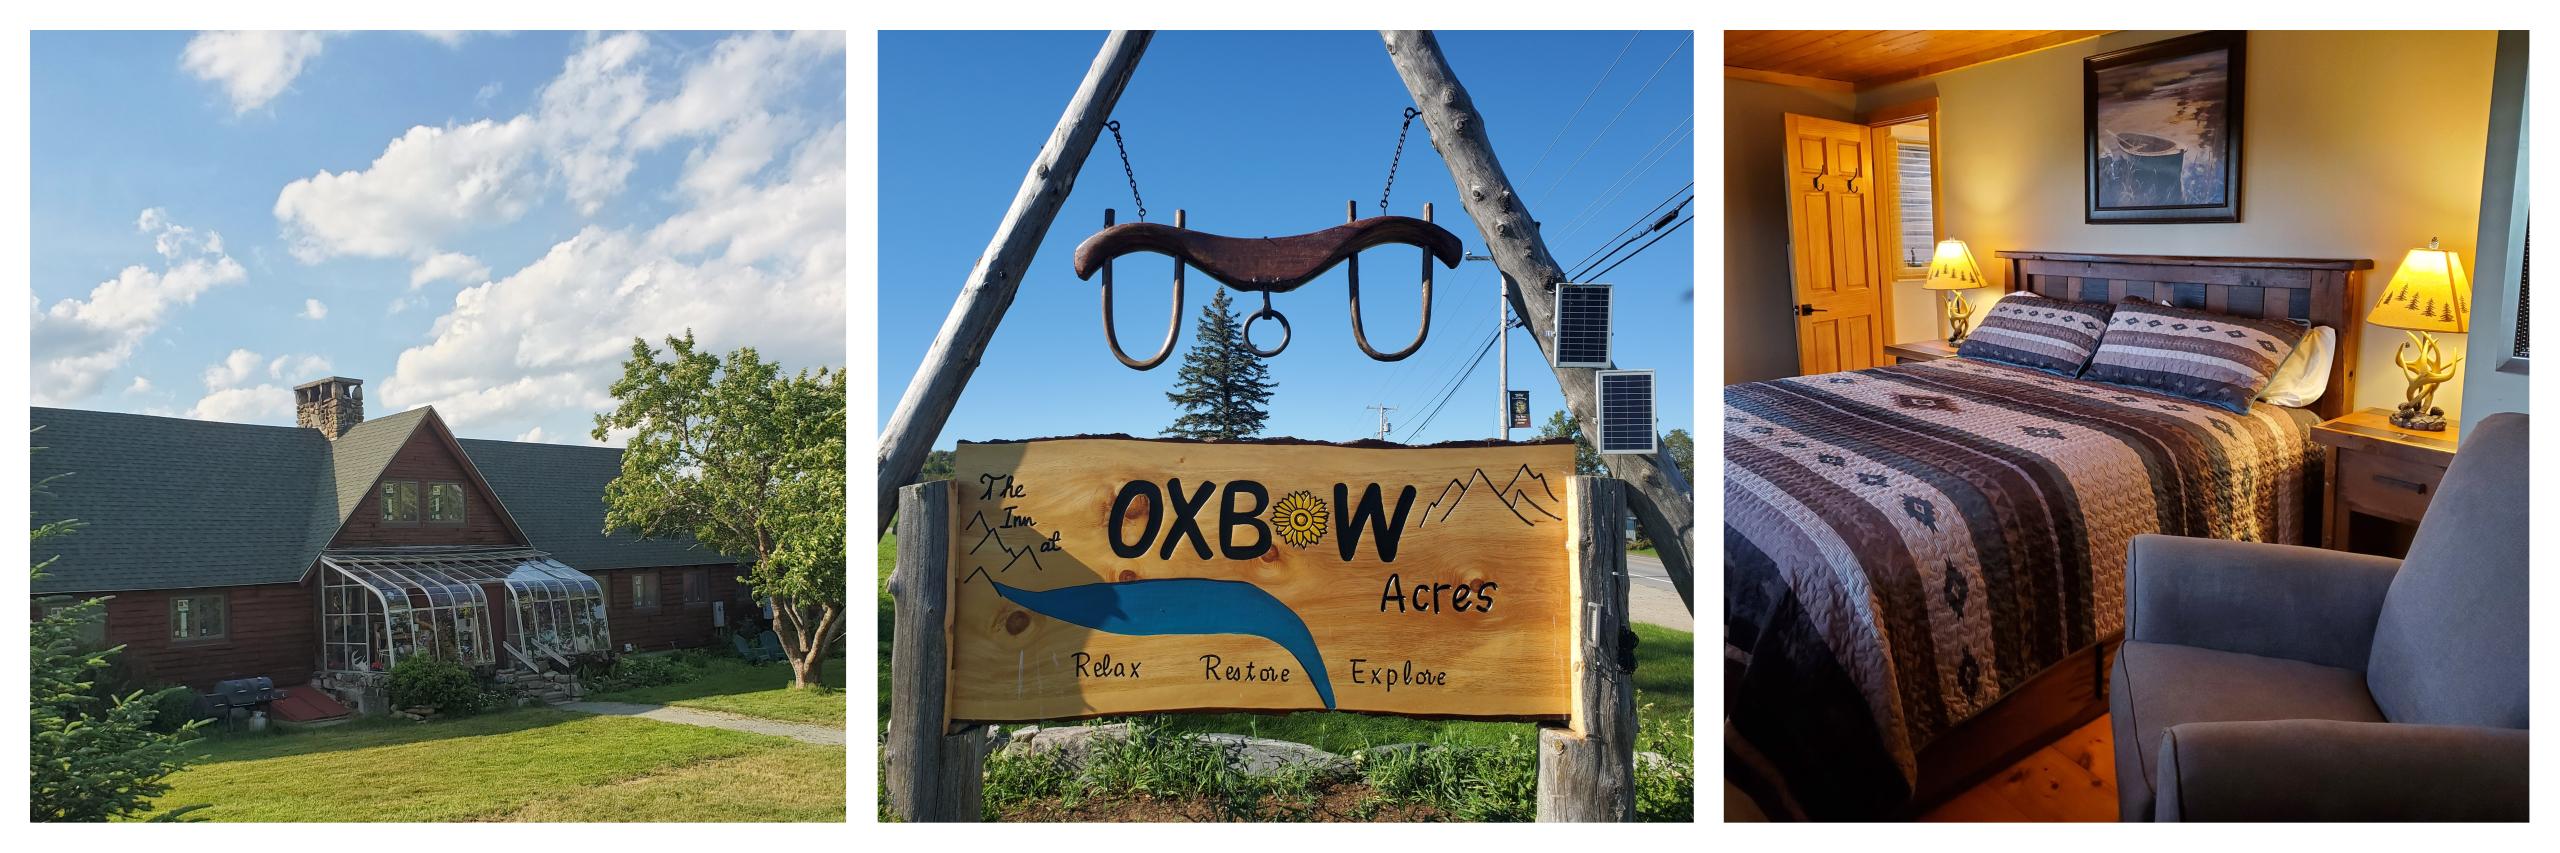 Inn at Oxbow